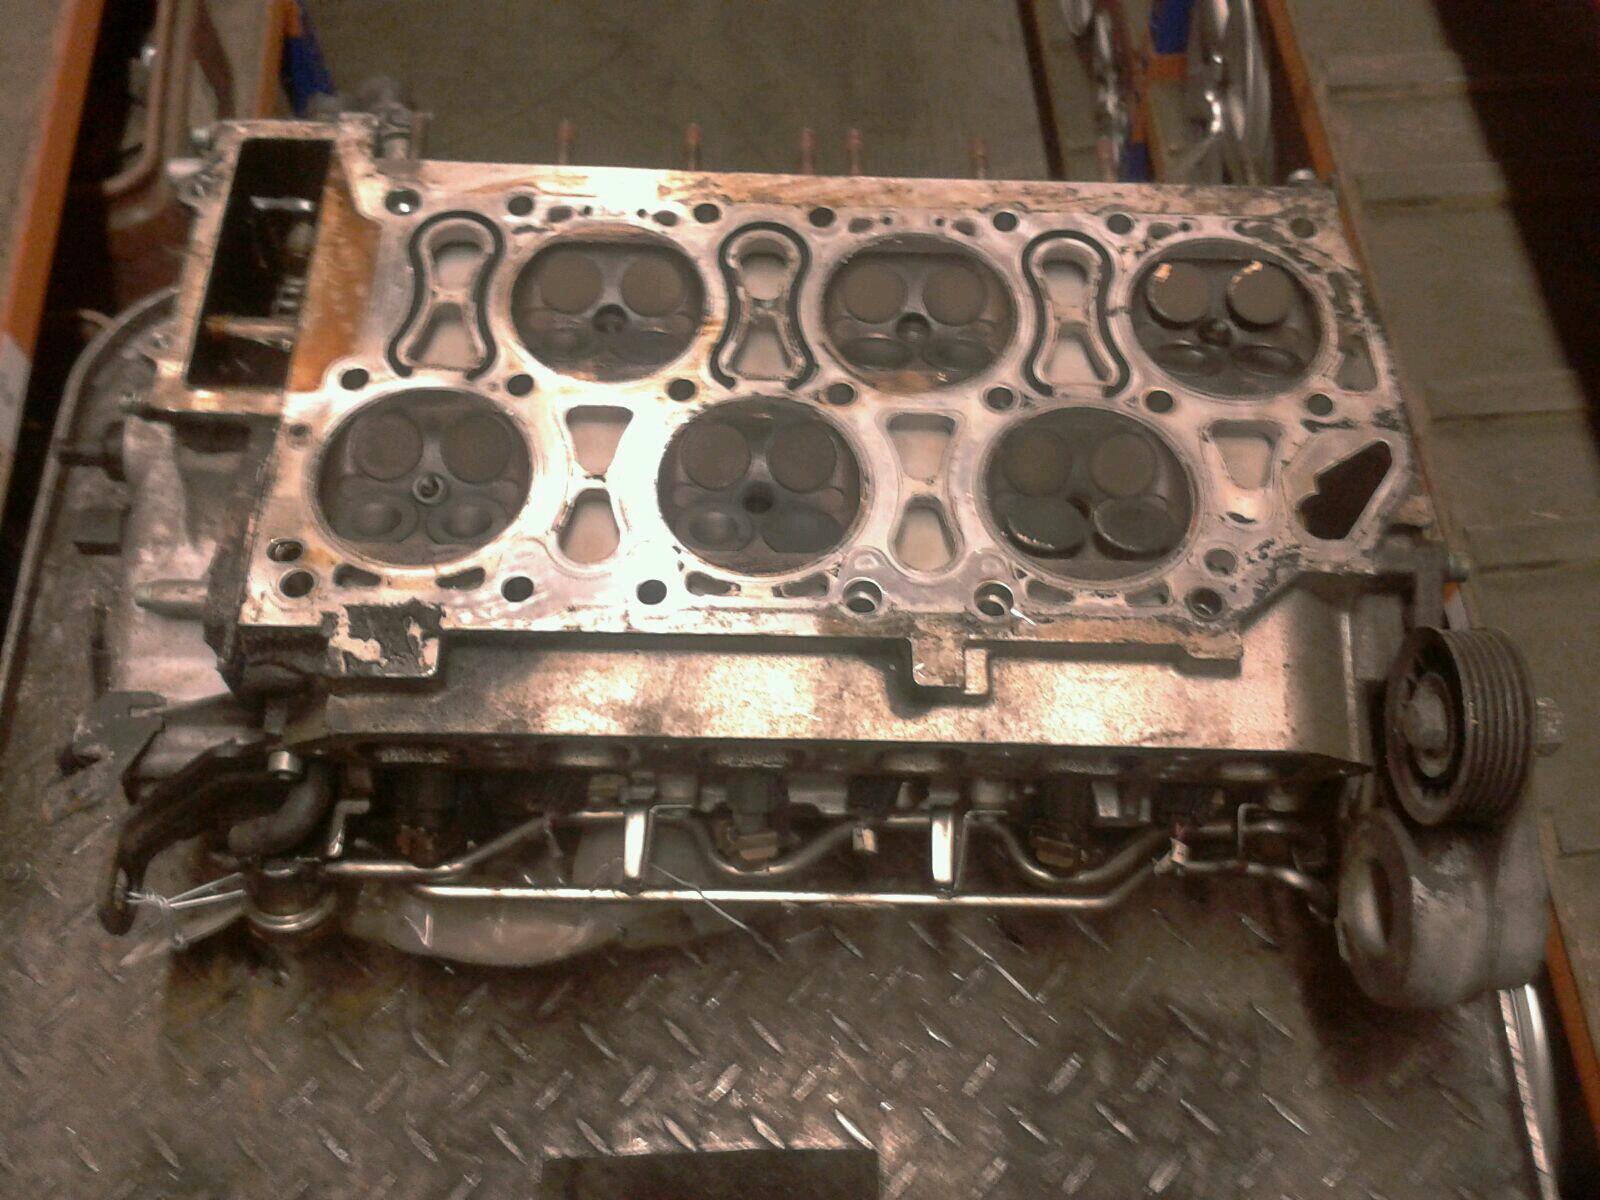 ... CYLINDER HEAD & CAMS VW Bora Golf 2.8 99-06 BDE Engine & WARRANTY ...